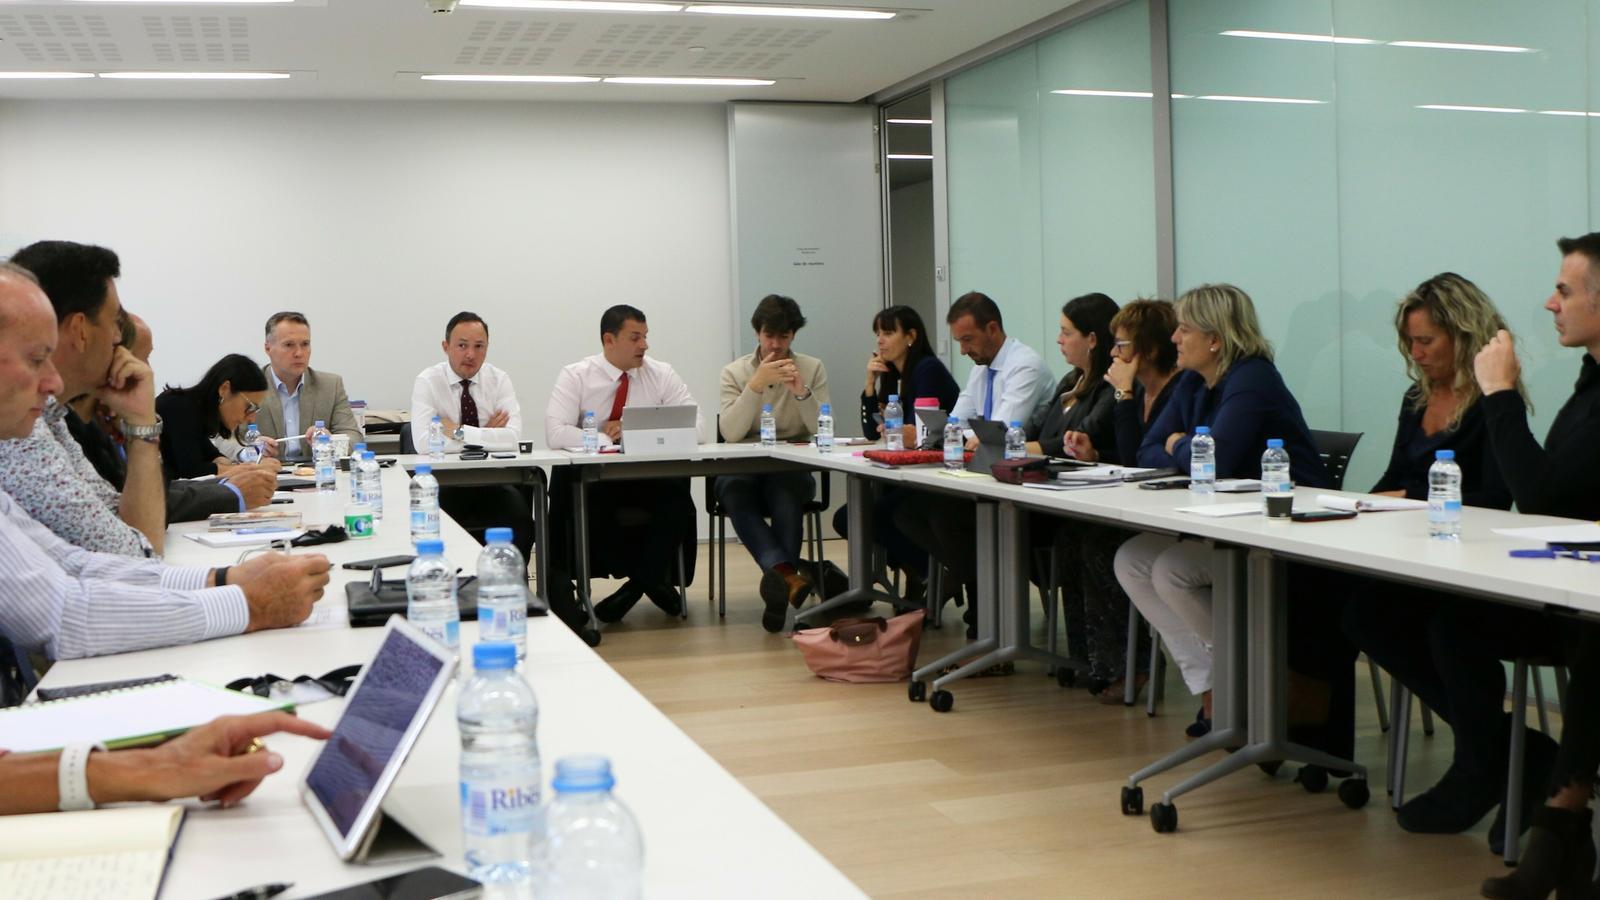 Un moment de la reunió entre membres del Govern i dels grups parlamentaris que li donen suport. / L'A